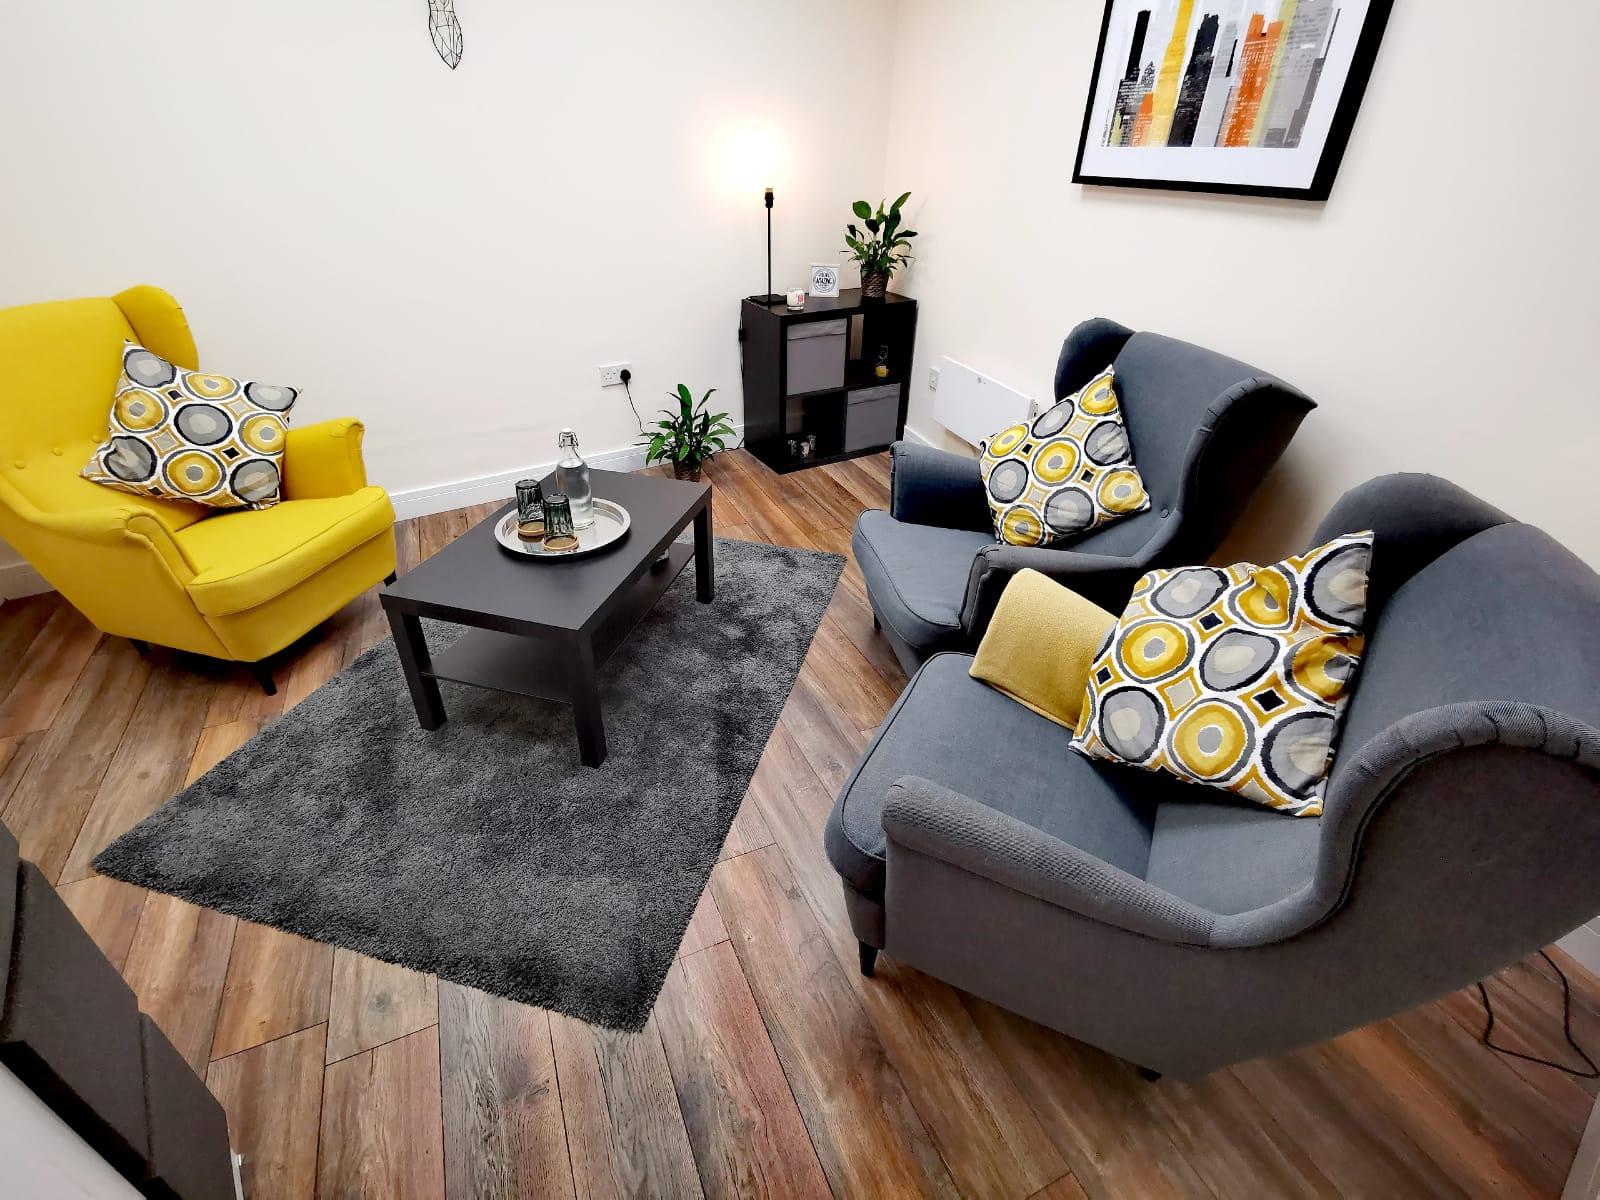 Private Room Hire Nuneaton